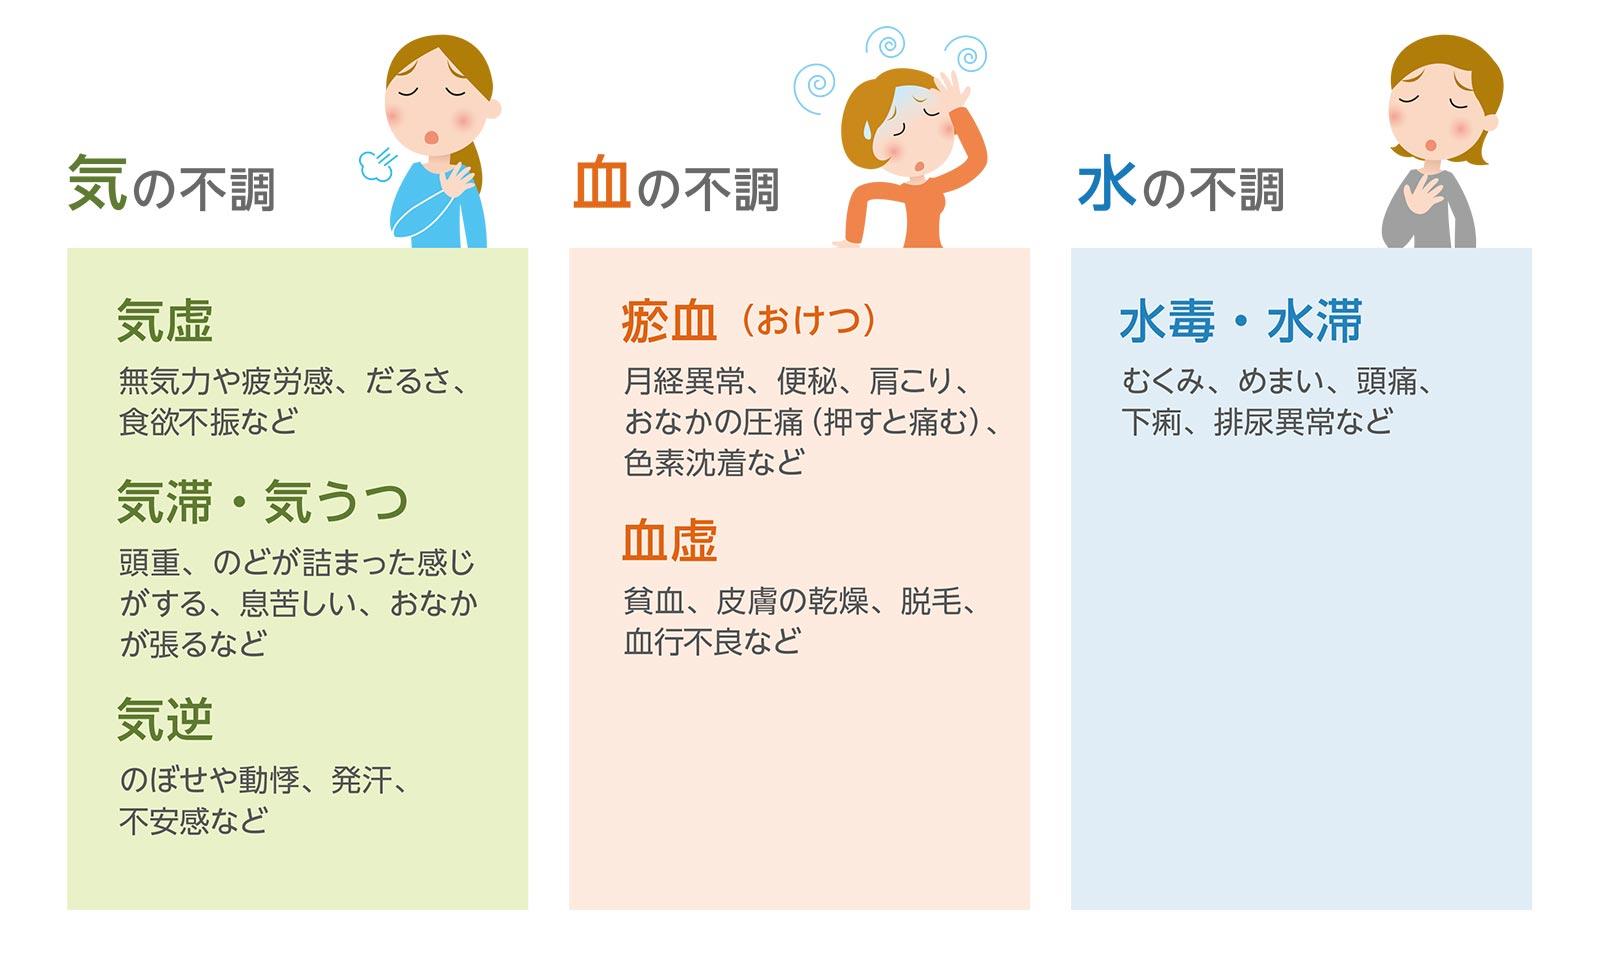 気・血・水(き・けつ・すい)